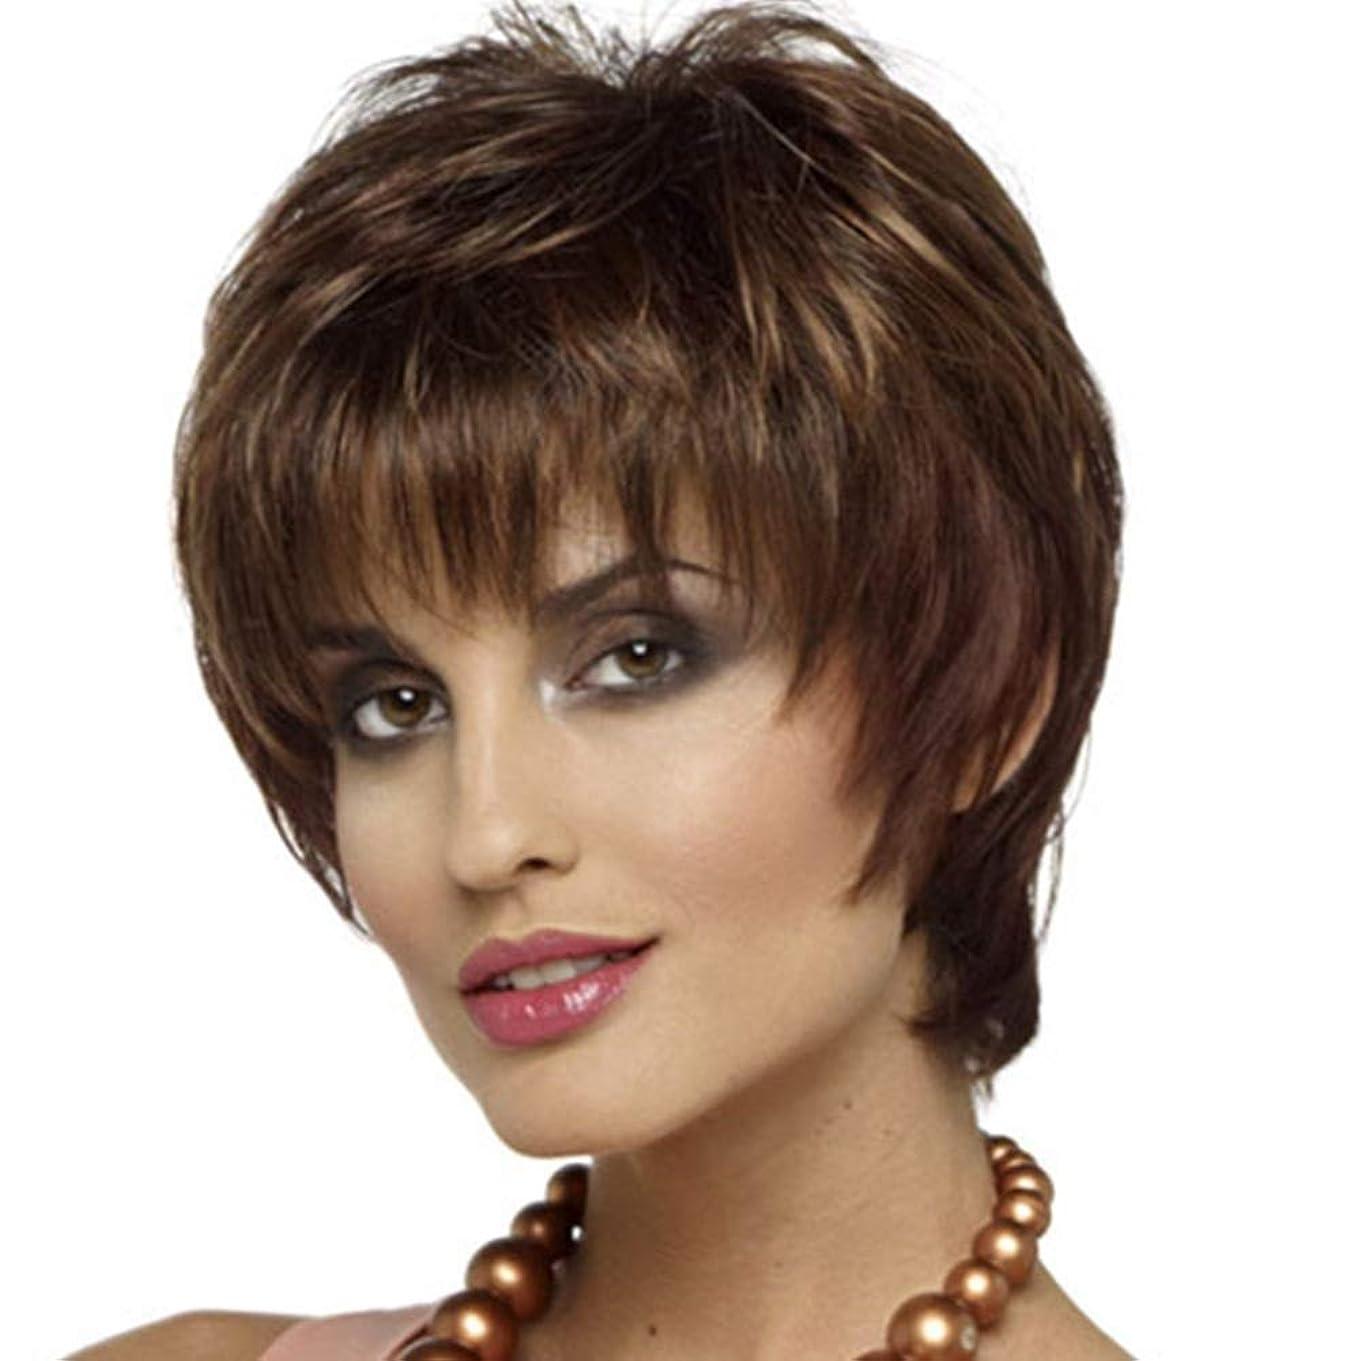 ゴミオデュッセウスワーディアンケース女性用茶色ショートショートヘアウィッグナチュラルヘアウィッグフリンジ人工毛フルウィッグ女性用ハロウィンコスプレパーティーウィッグ